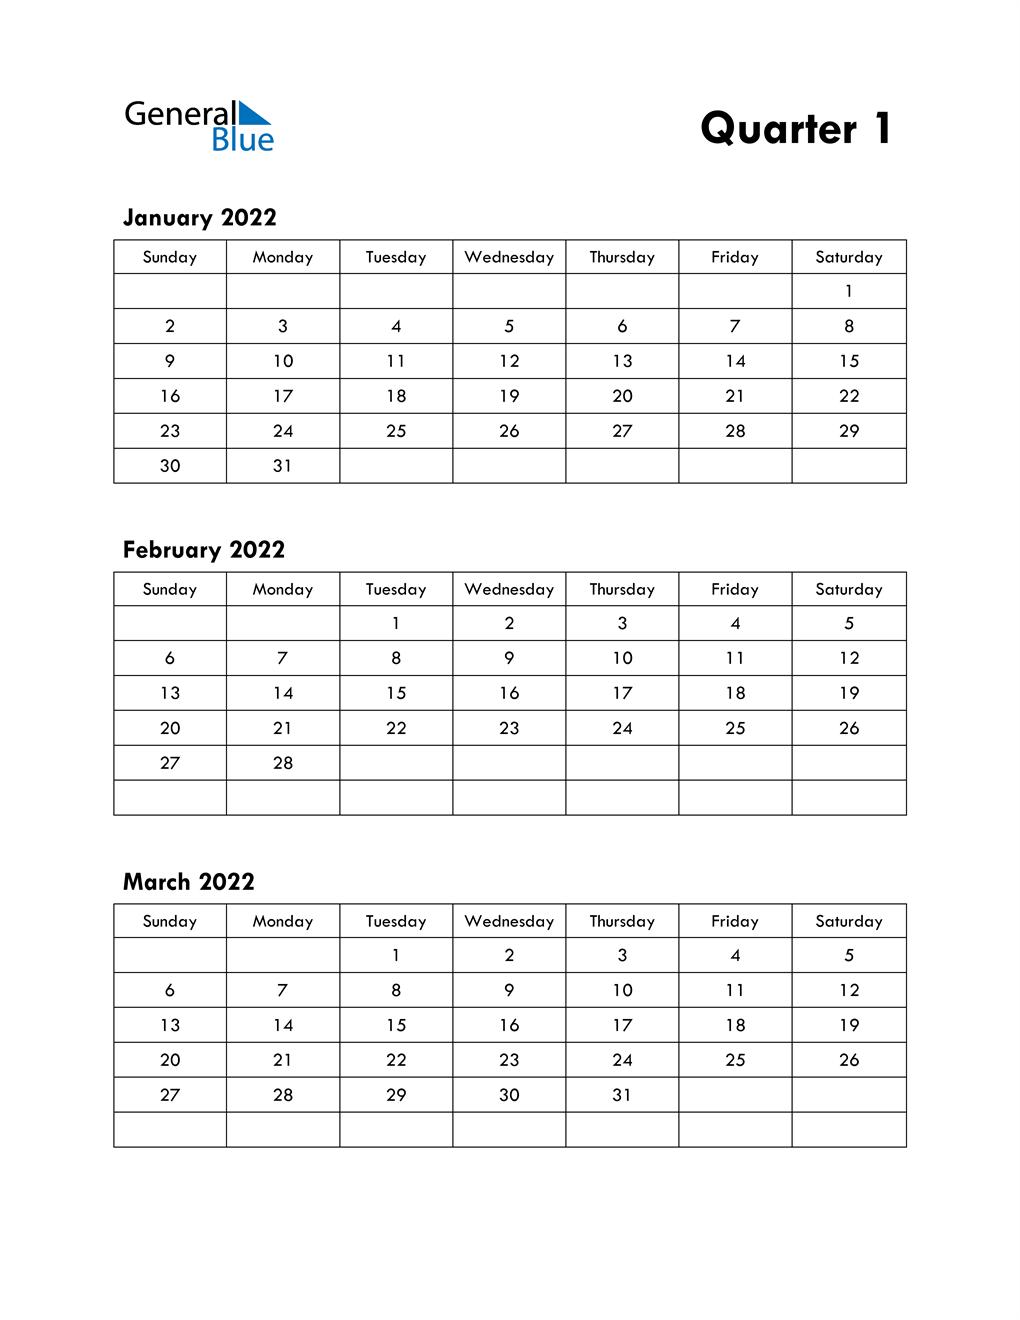 Quarter 1 2022 Calendar